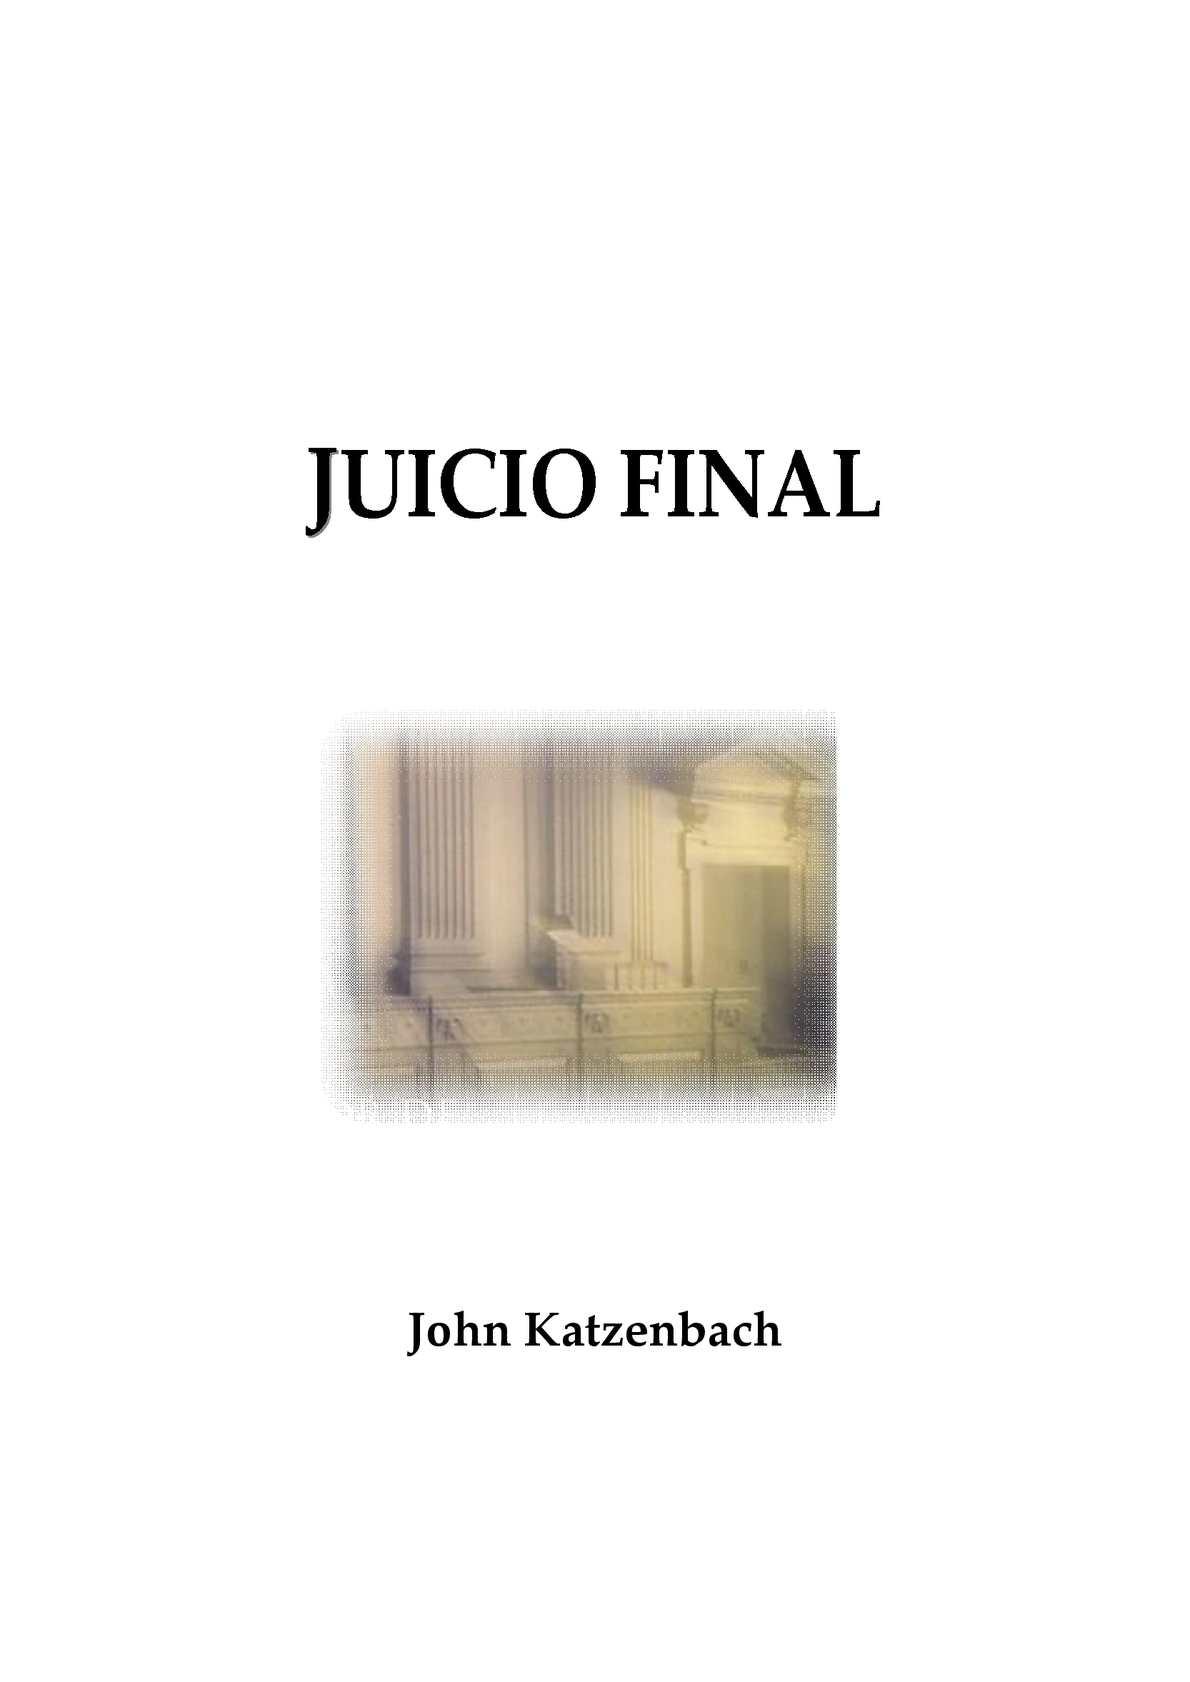 Calaméo - Libro  Juicio Final-John Katzenbach 2e72948abcd